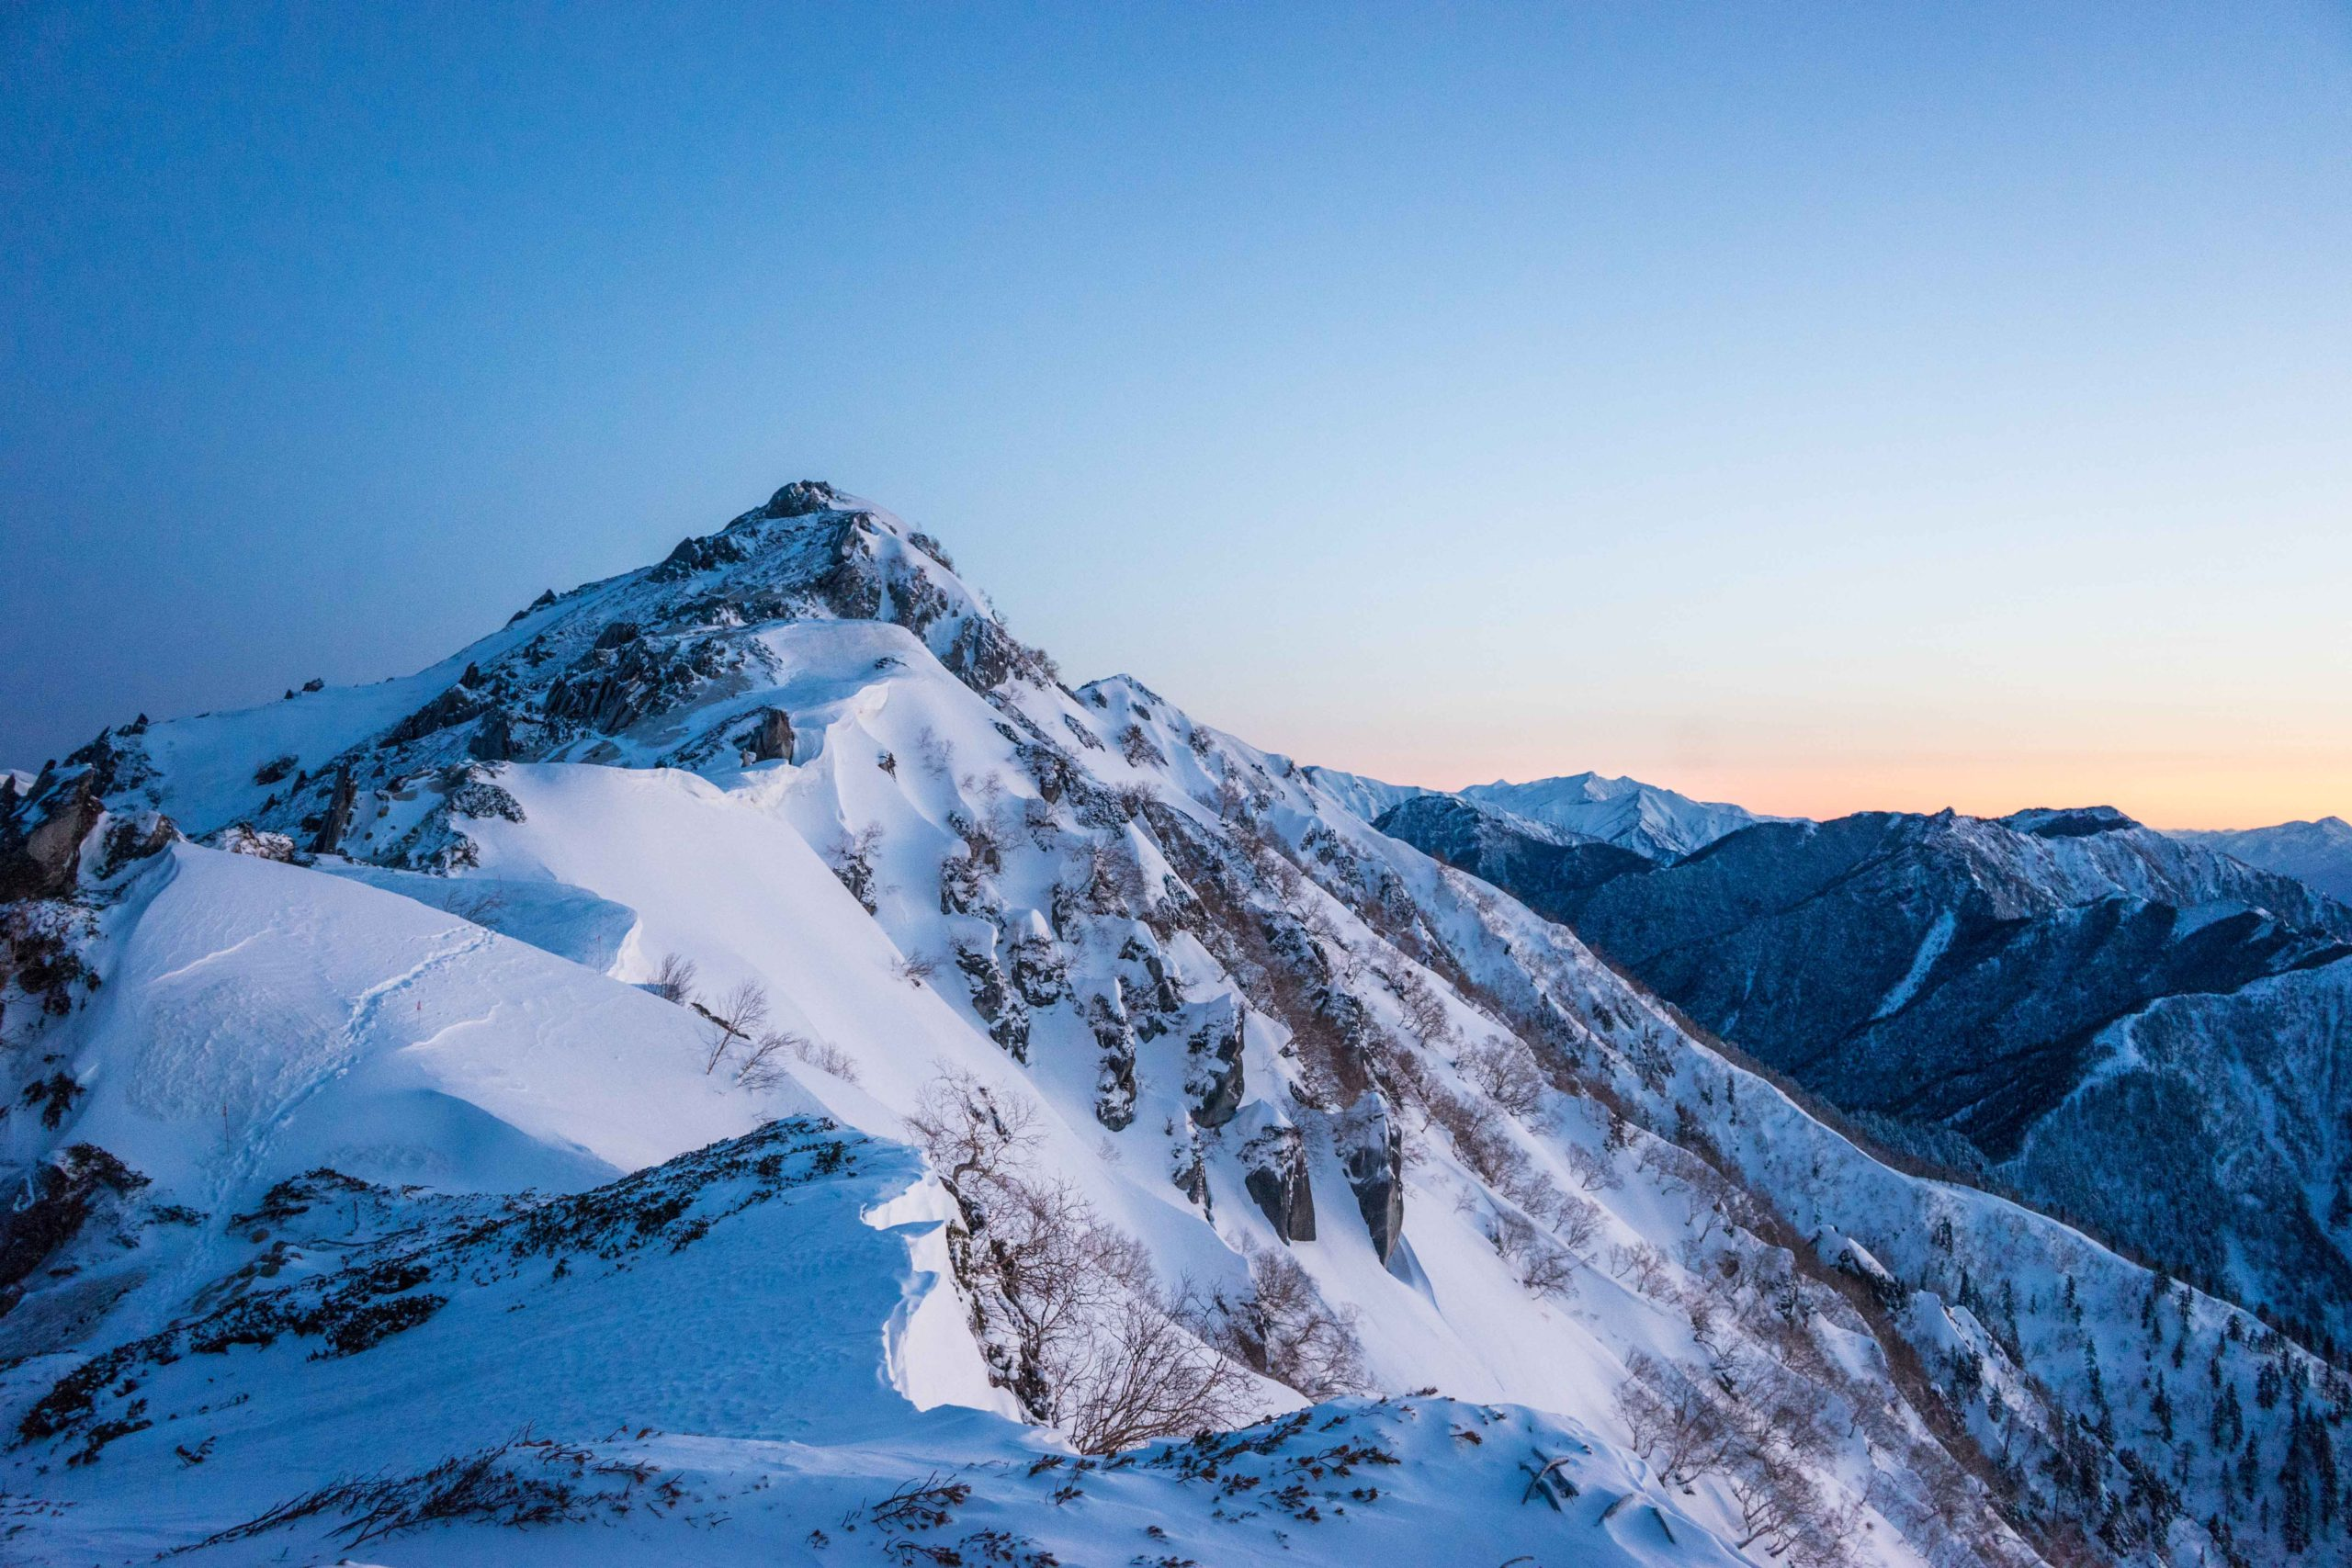 2021.5.2-5 山の講習会[雪山編]雪山縦走《燕岳-常念岳》(W5)